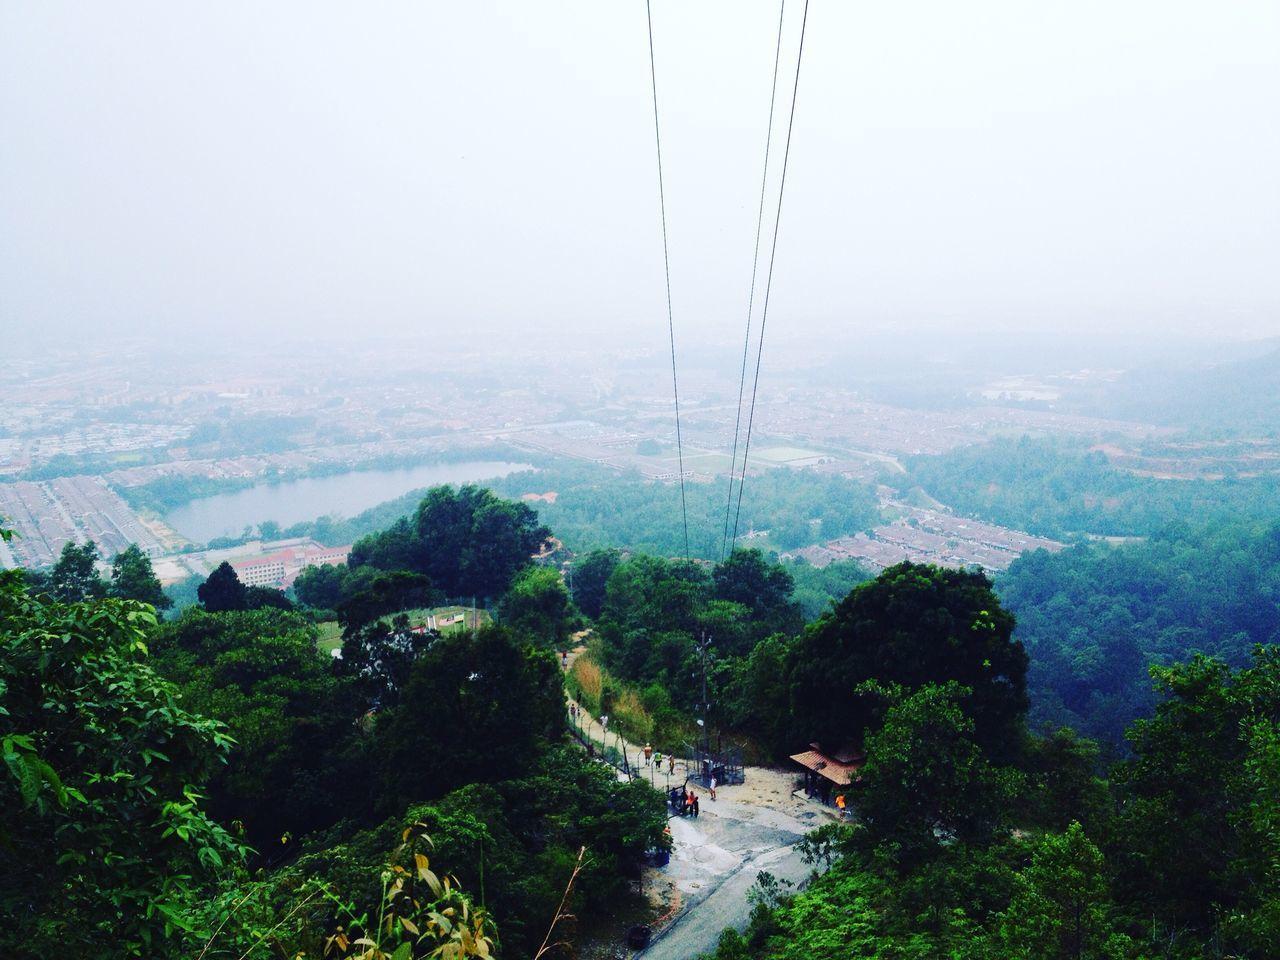 Hiking Trail Hazy Days Offdaying Exercise Enjoying The View